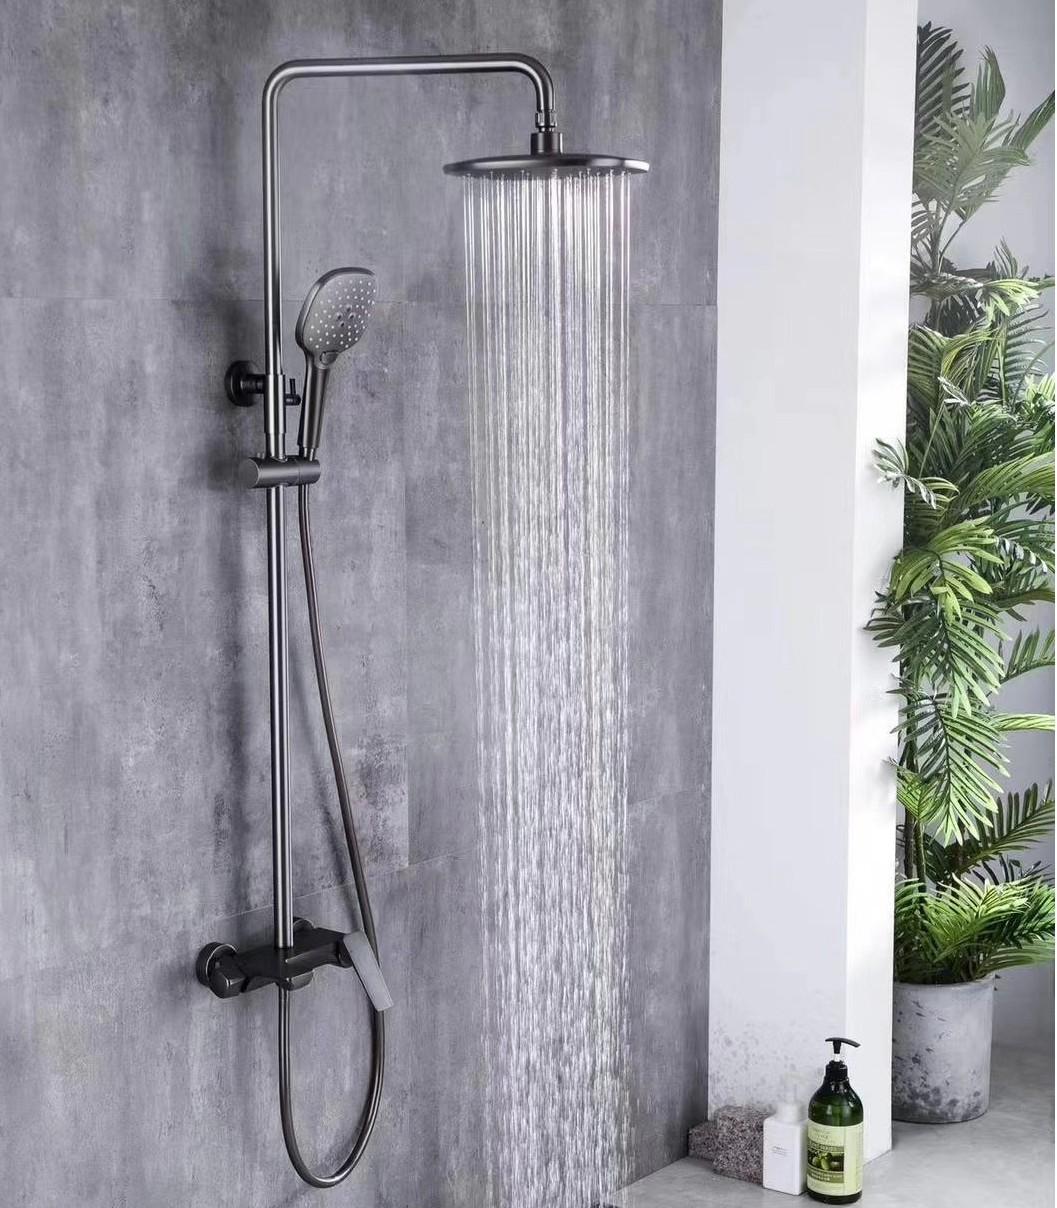 G675 2020 качественная гигиеническая душевая Колонка для ванной комнаты, набор для Дождевого душа